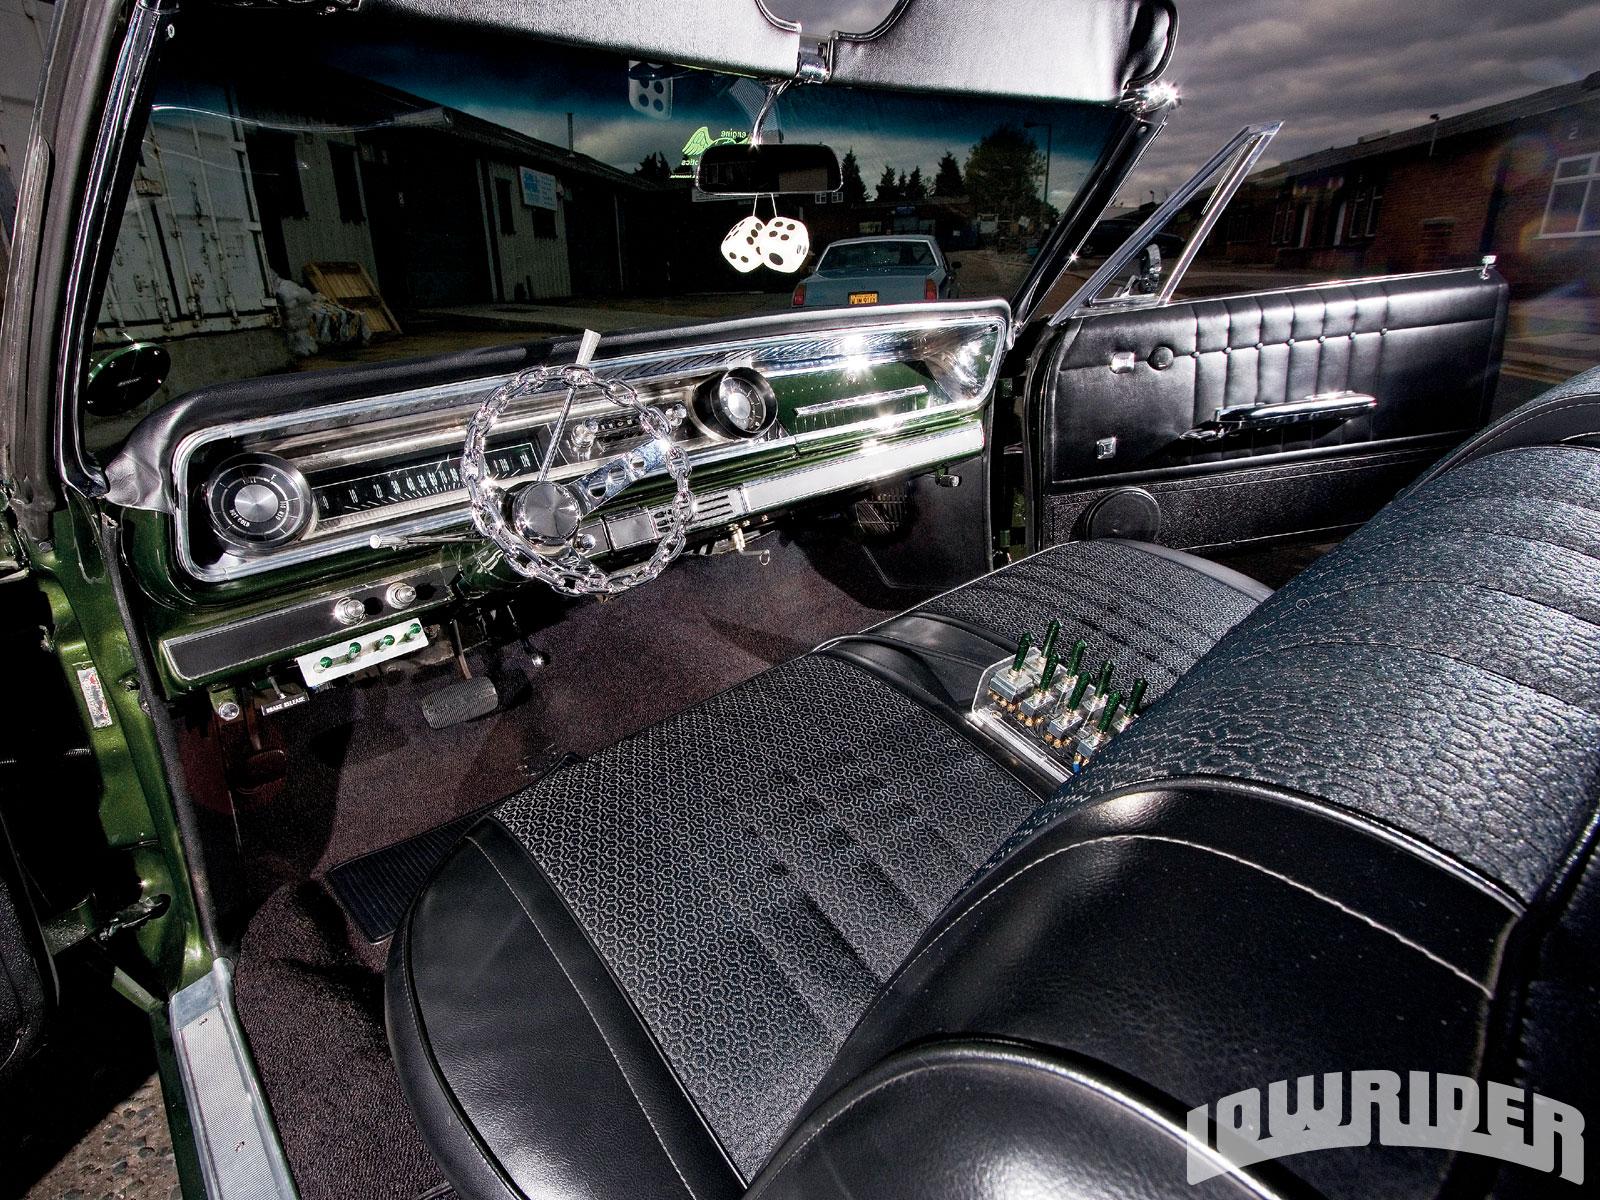 1967 Chevy Impala Interior Kit